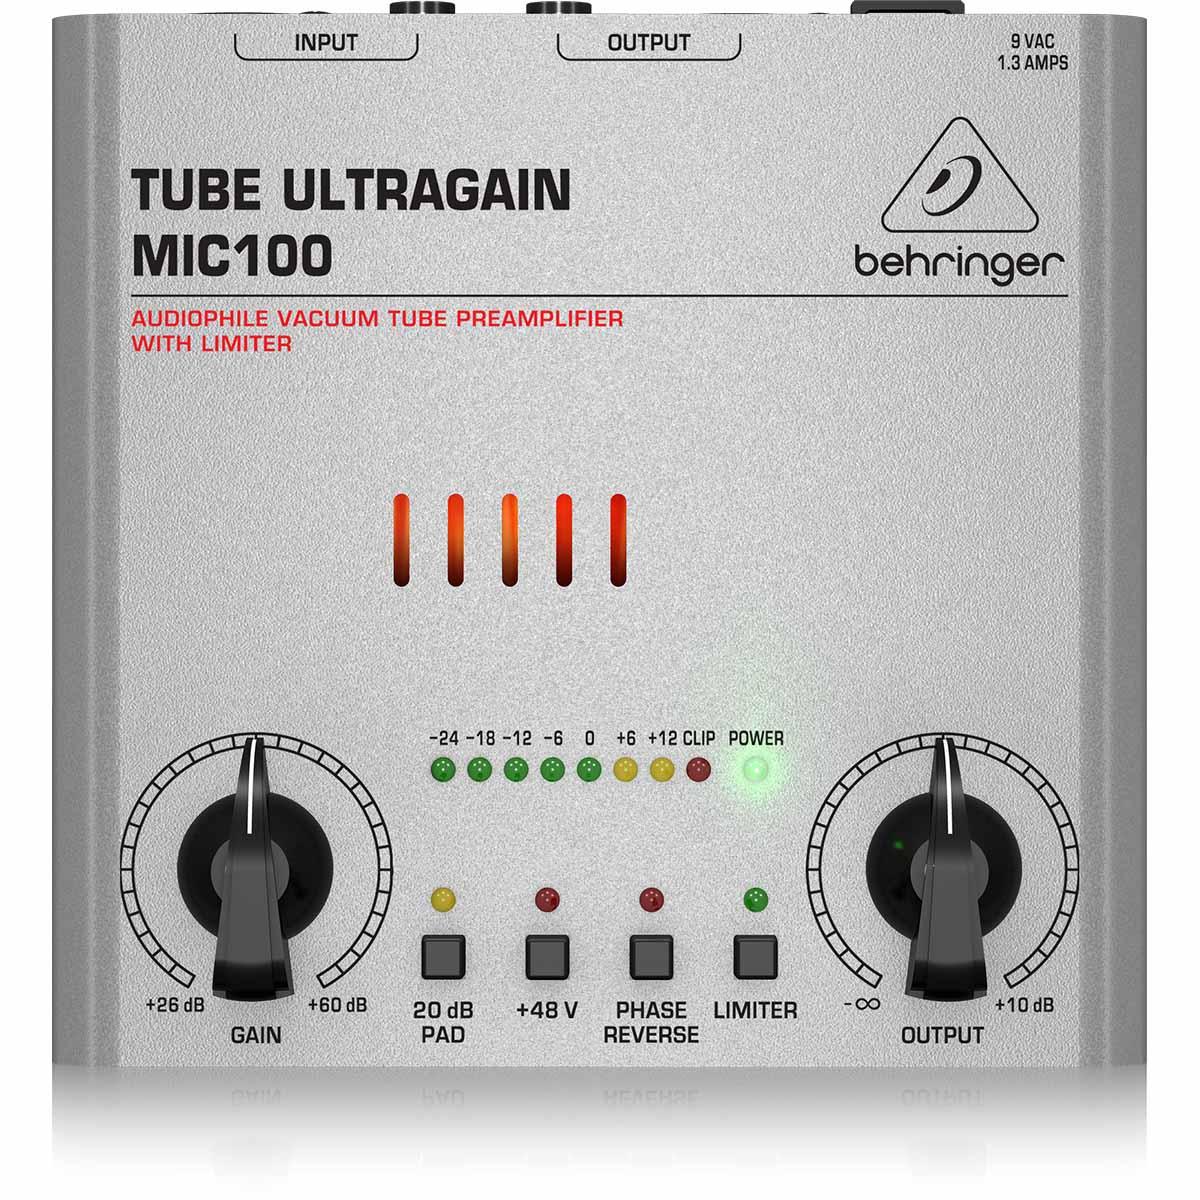 Behringer MIC100 Tube UltraGain Pré Amplificador De Tubo Com Limitador, 220v